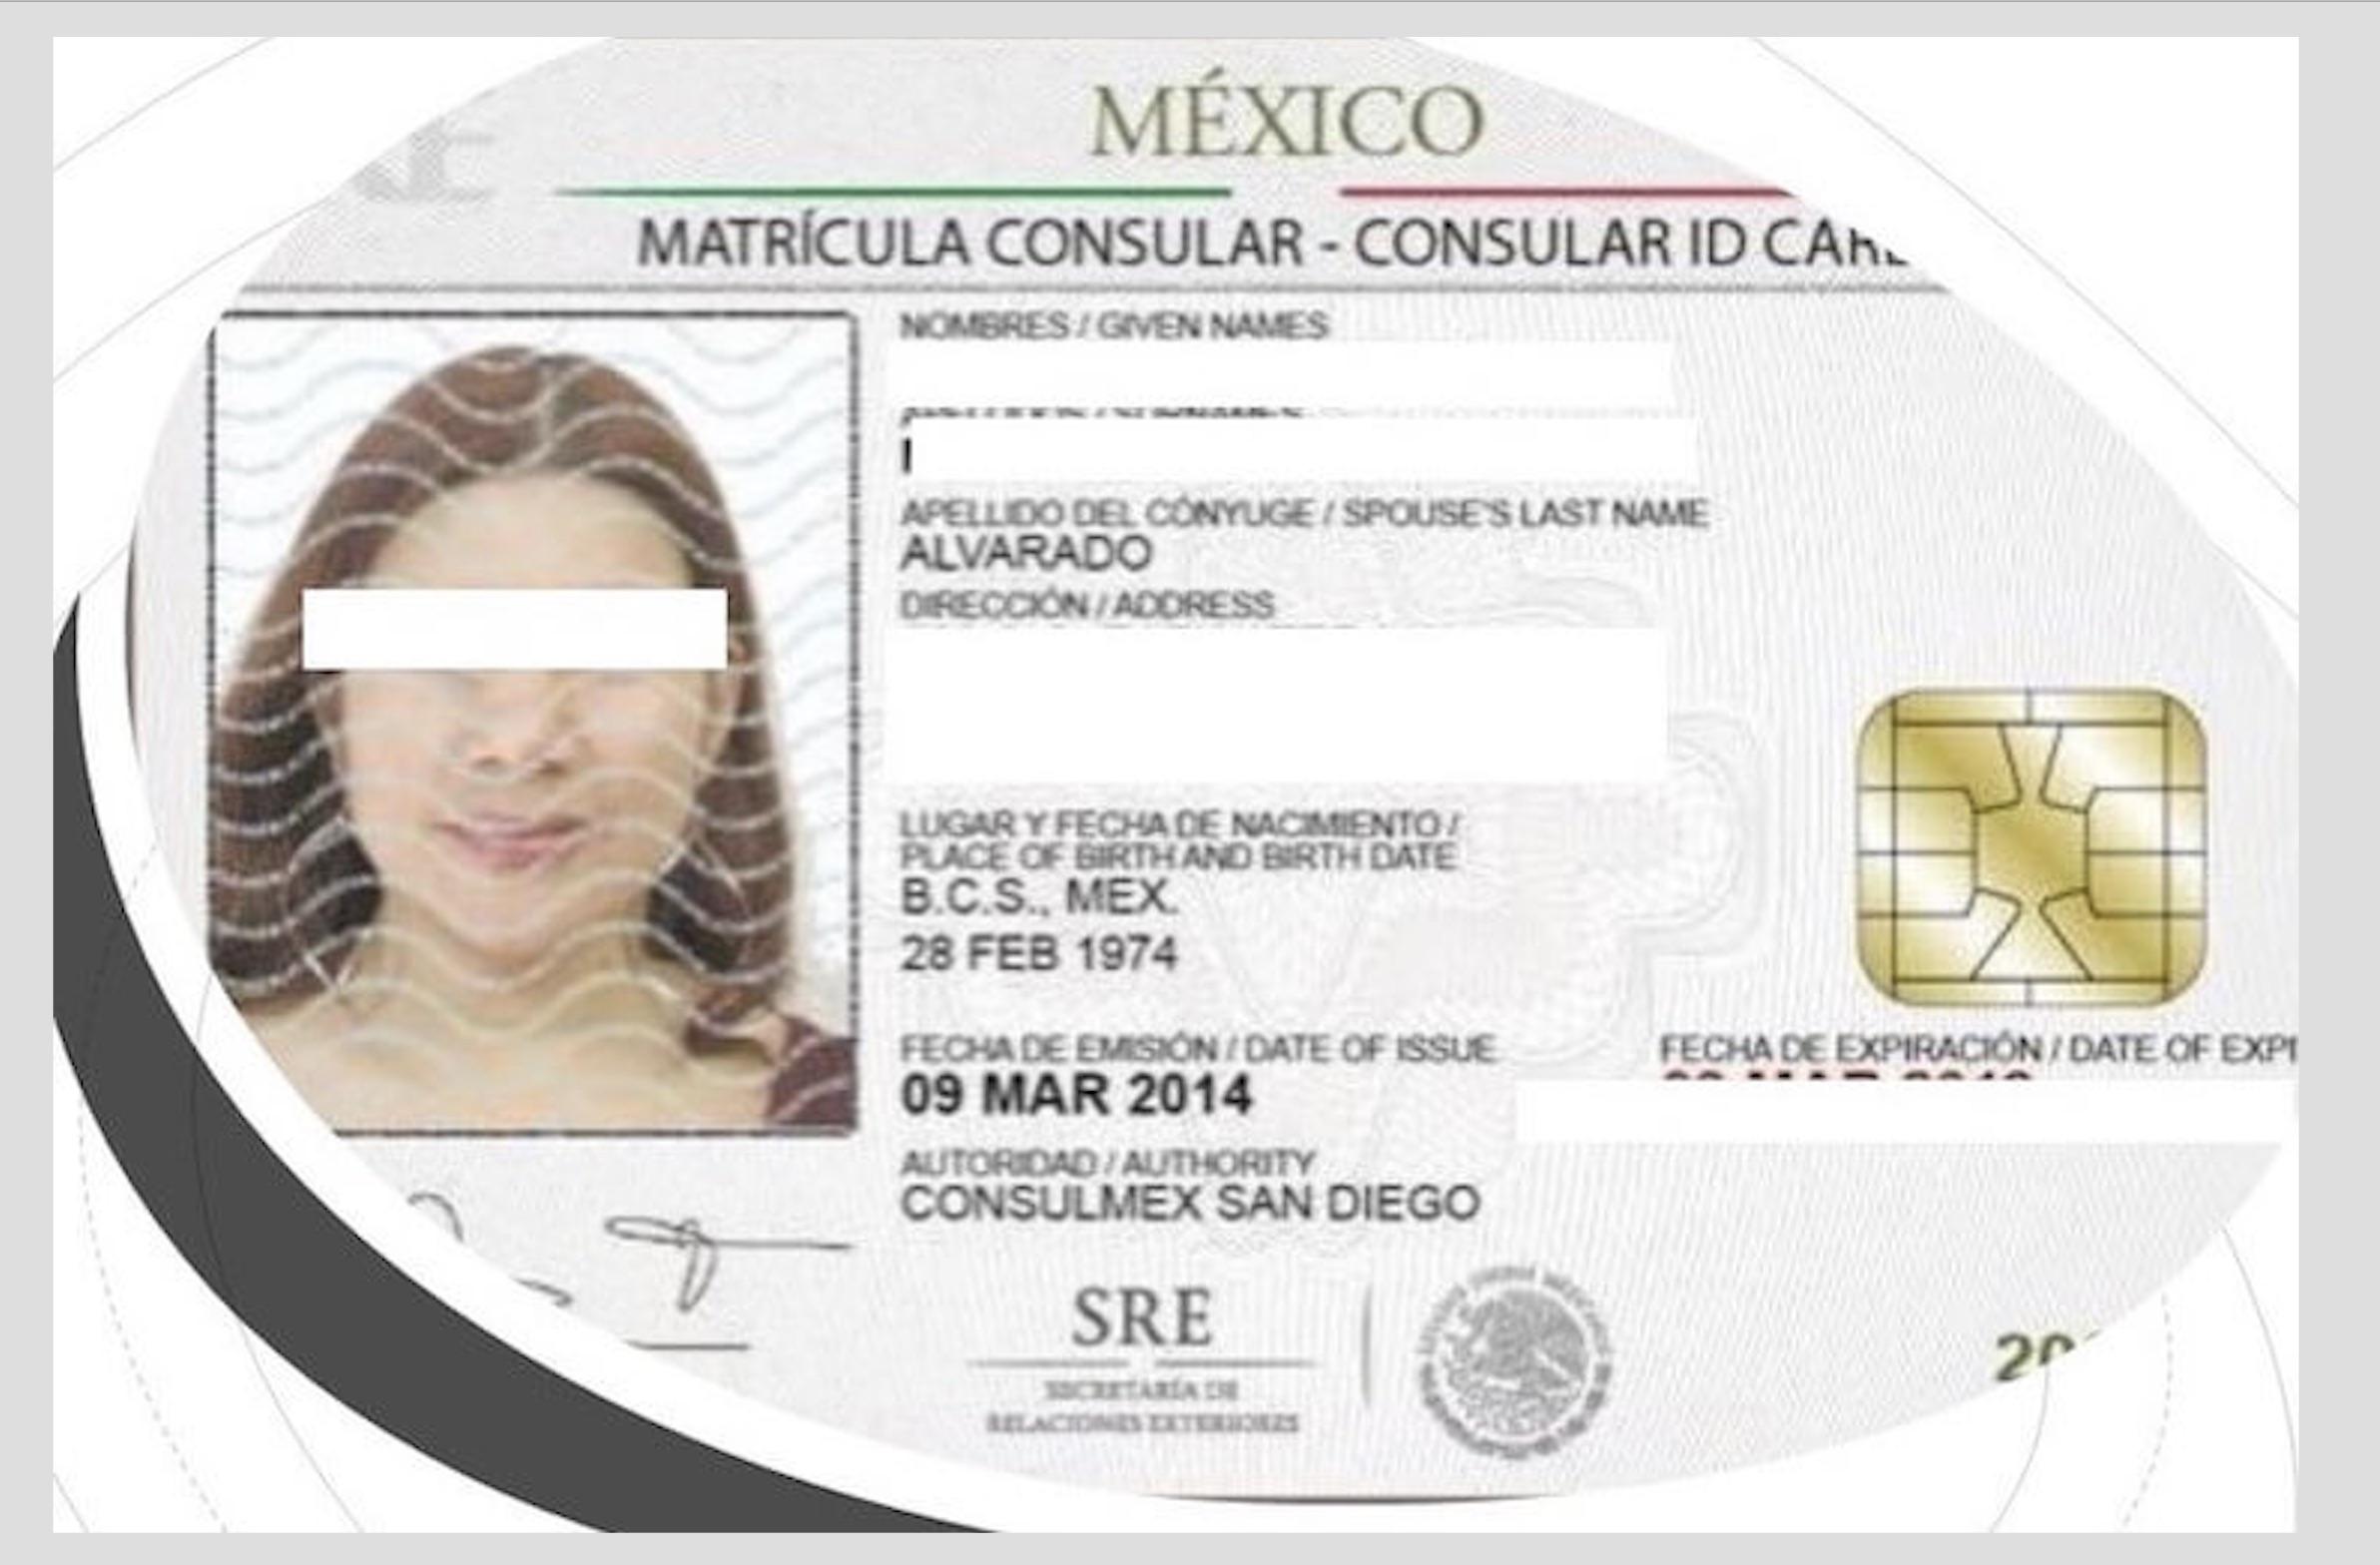 MÉXICO RESTABLECE EMISIÓN DE MATRÍCULAS CONSULARES DE ALTA SEGURIDAD EN ESTADOS UNIDOS